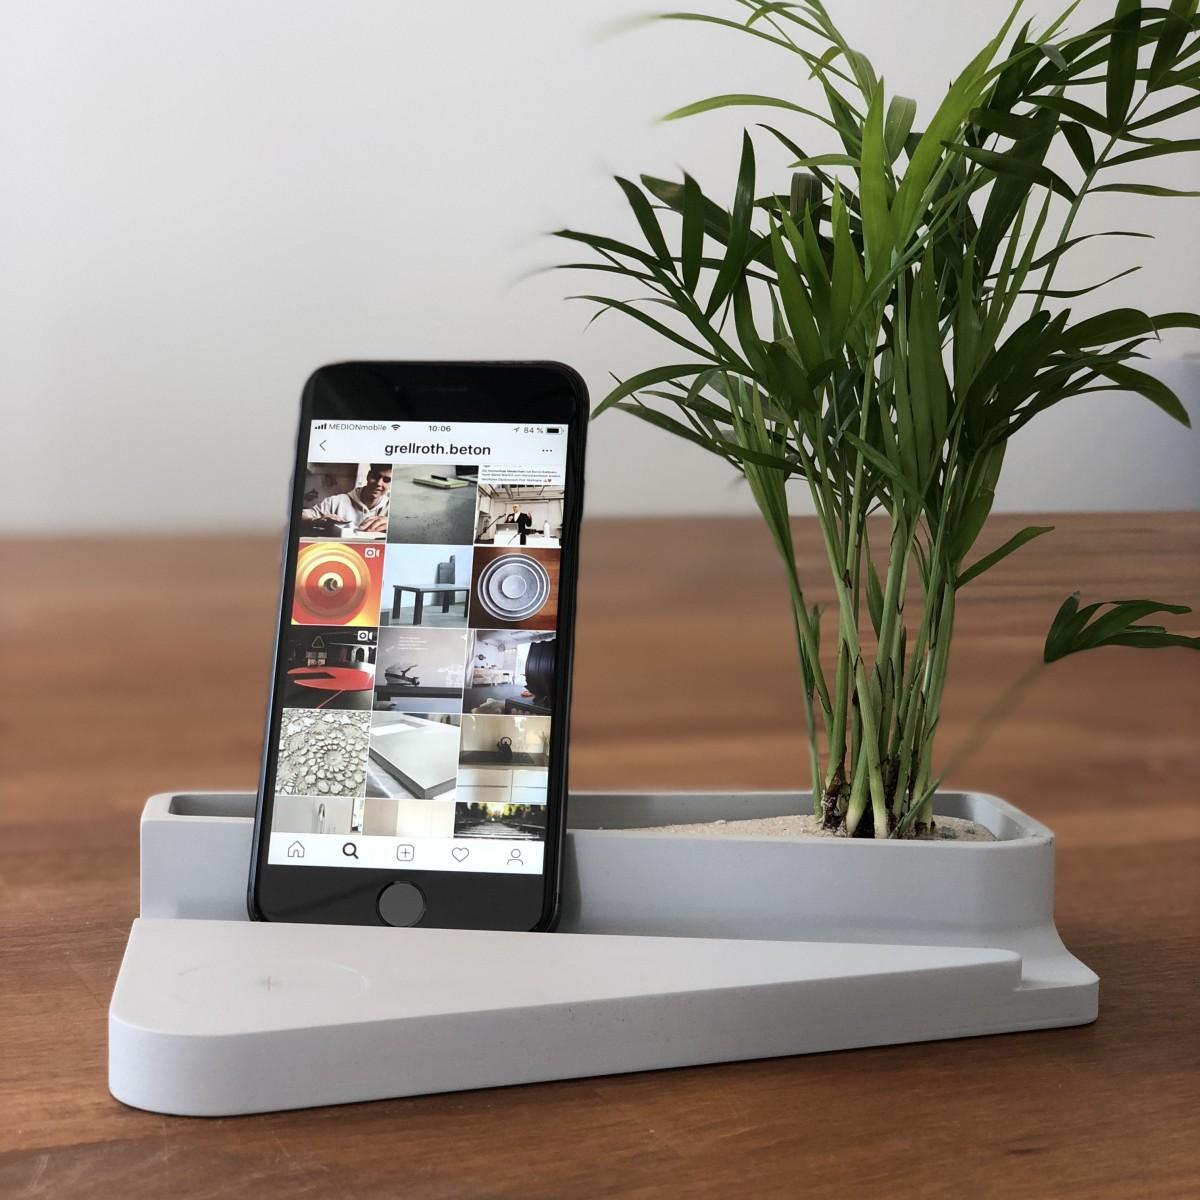 Utensilo für Tablet und Smartphone von Grellroth Design